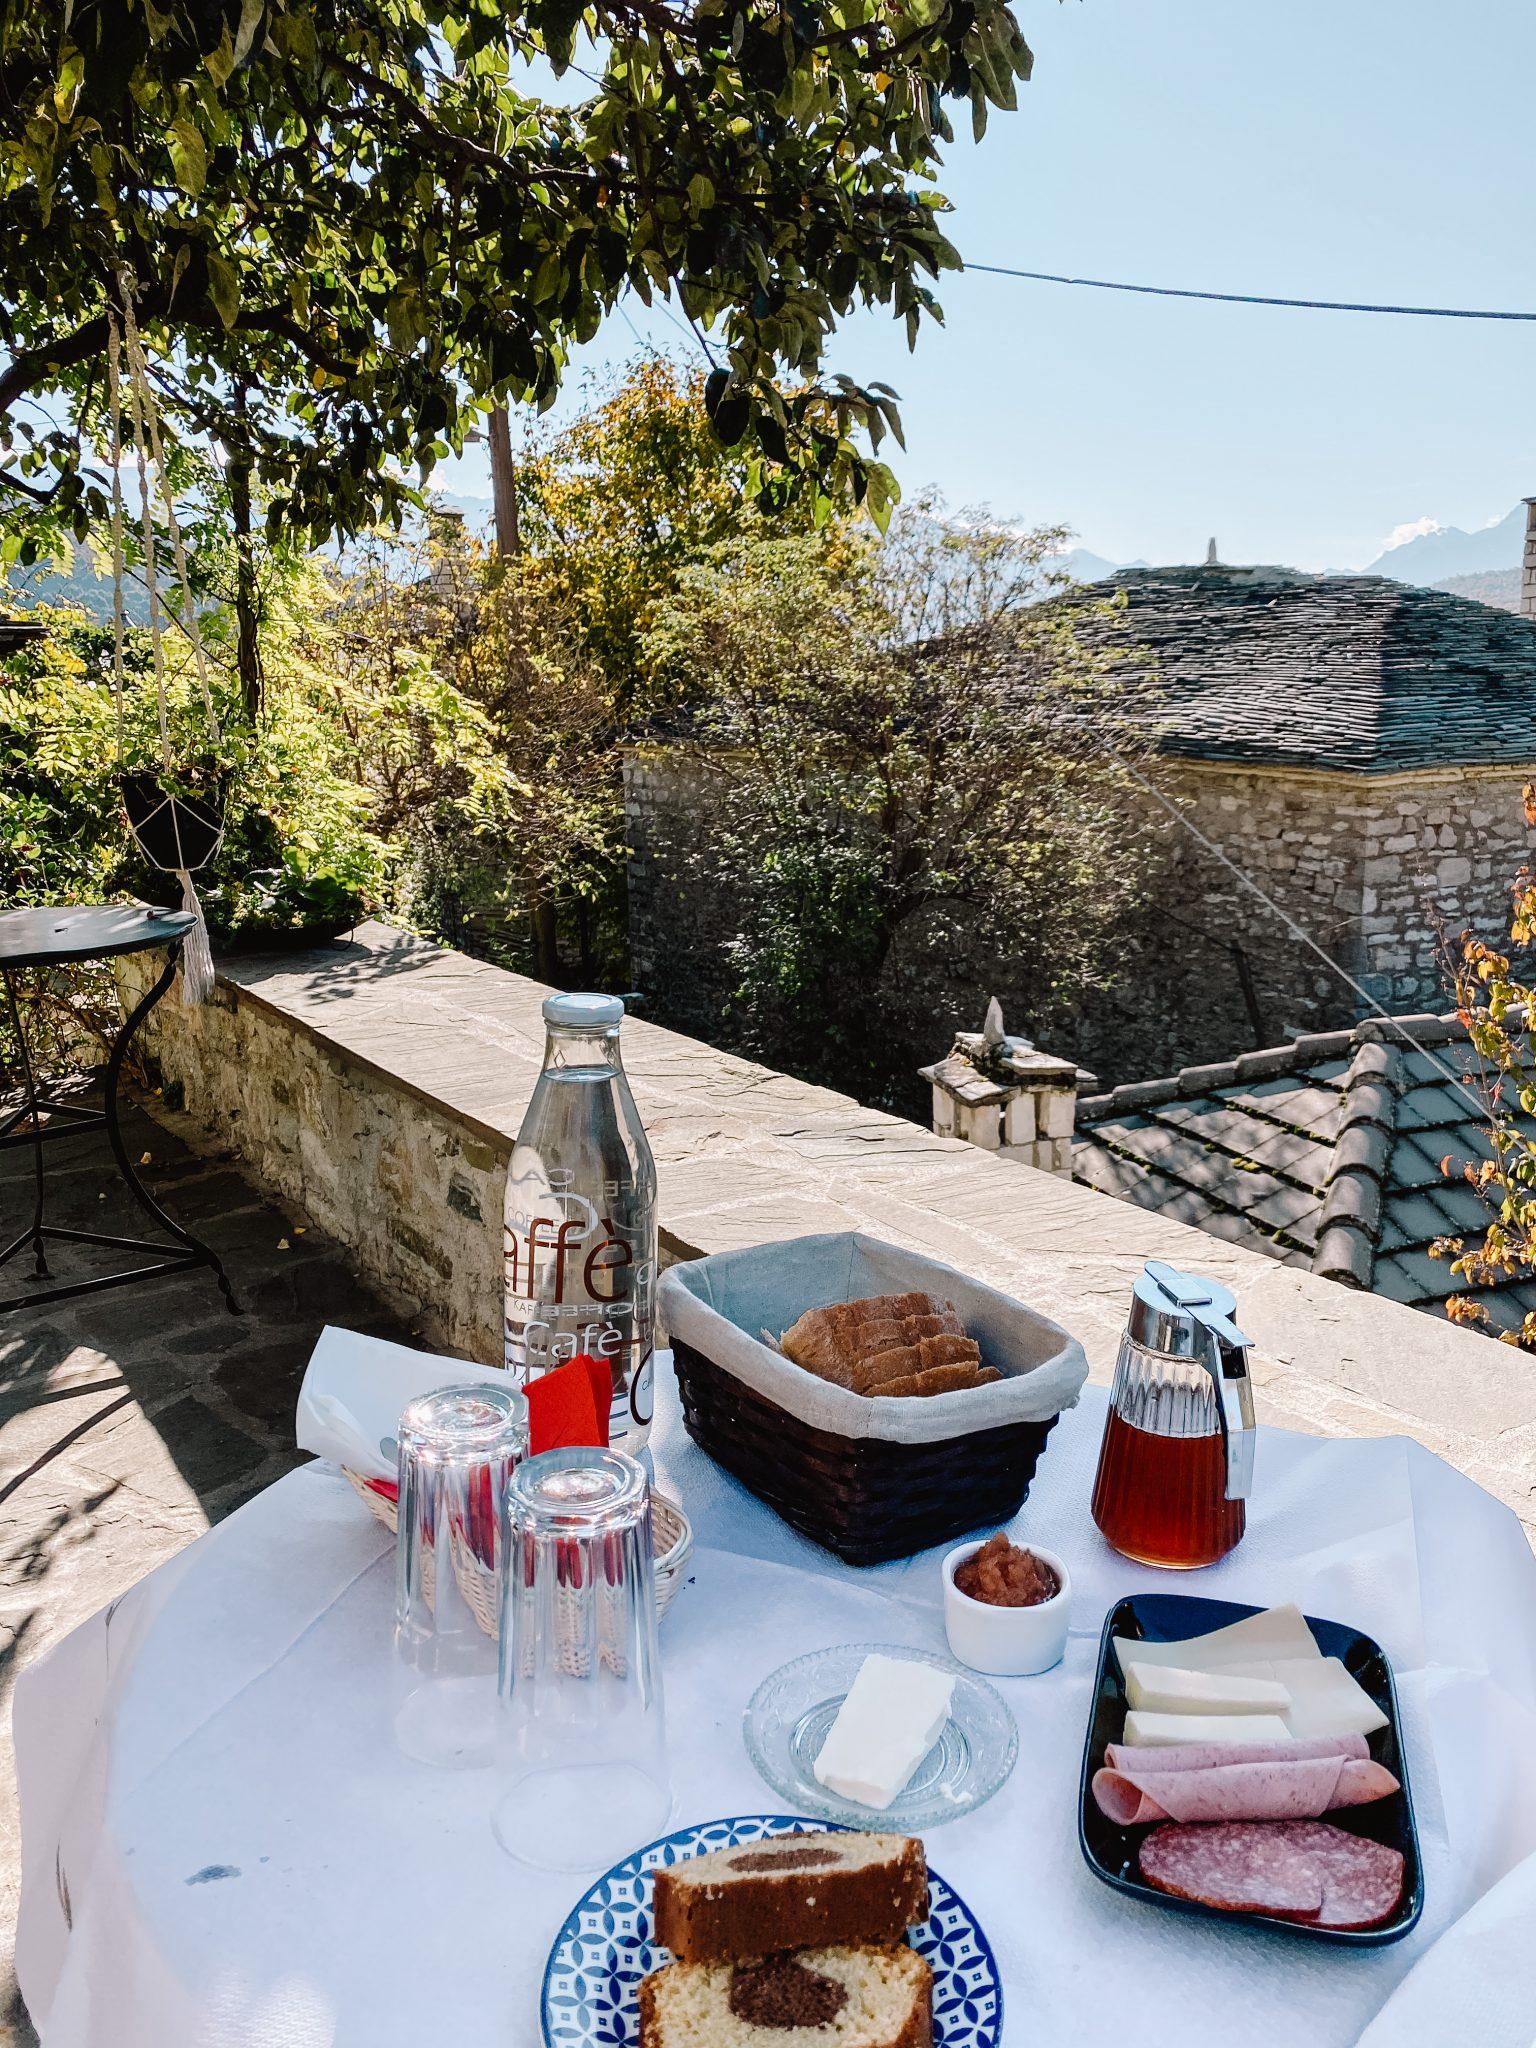 Hotels in Tzoumerka, Greece